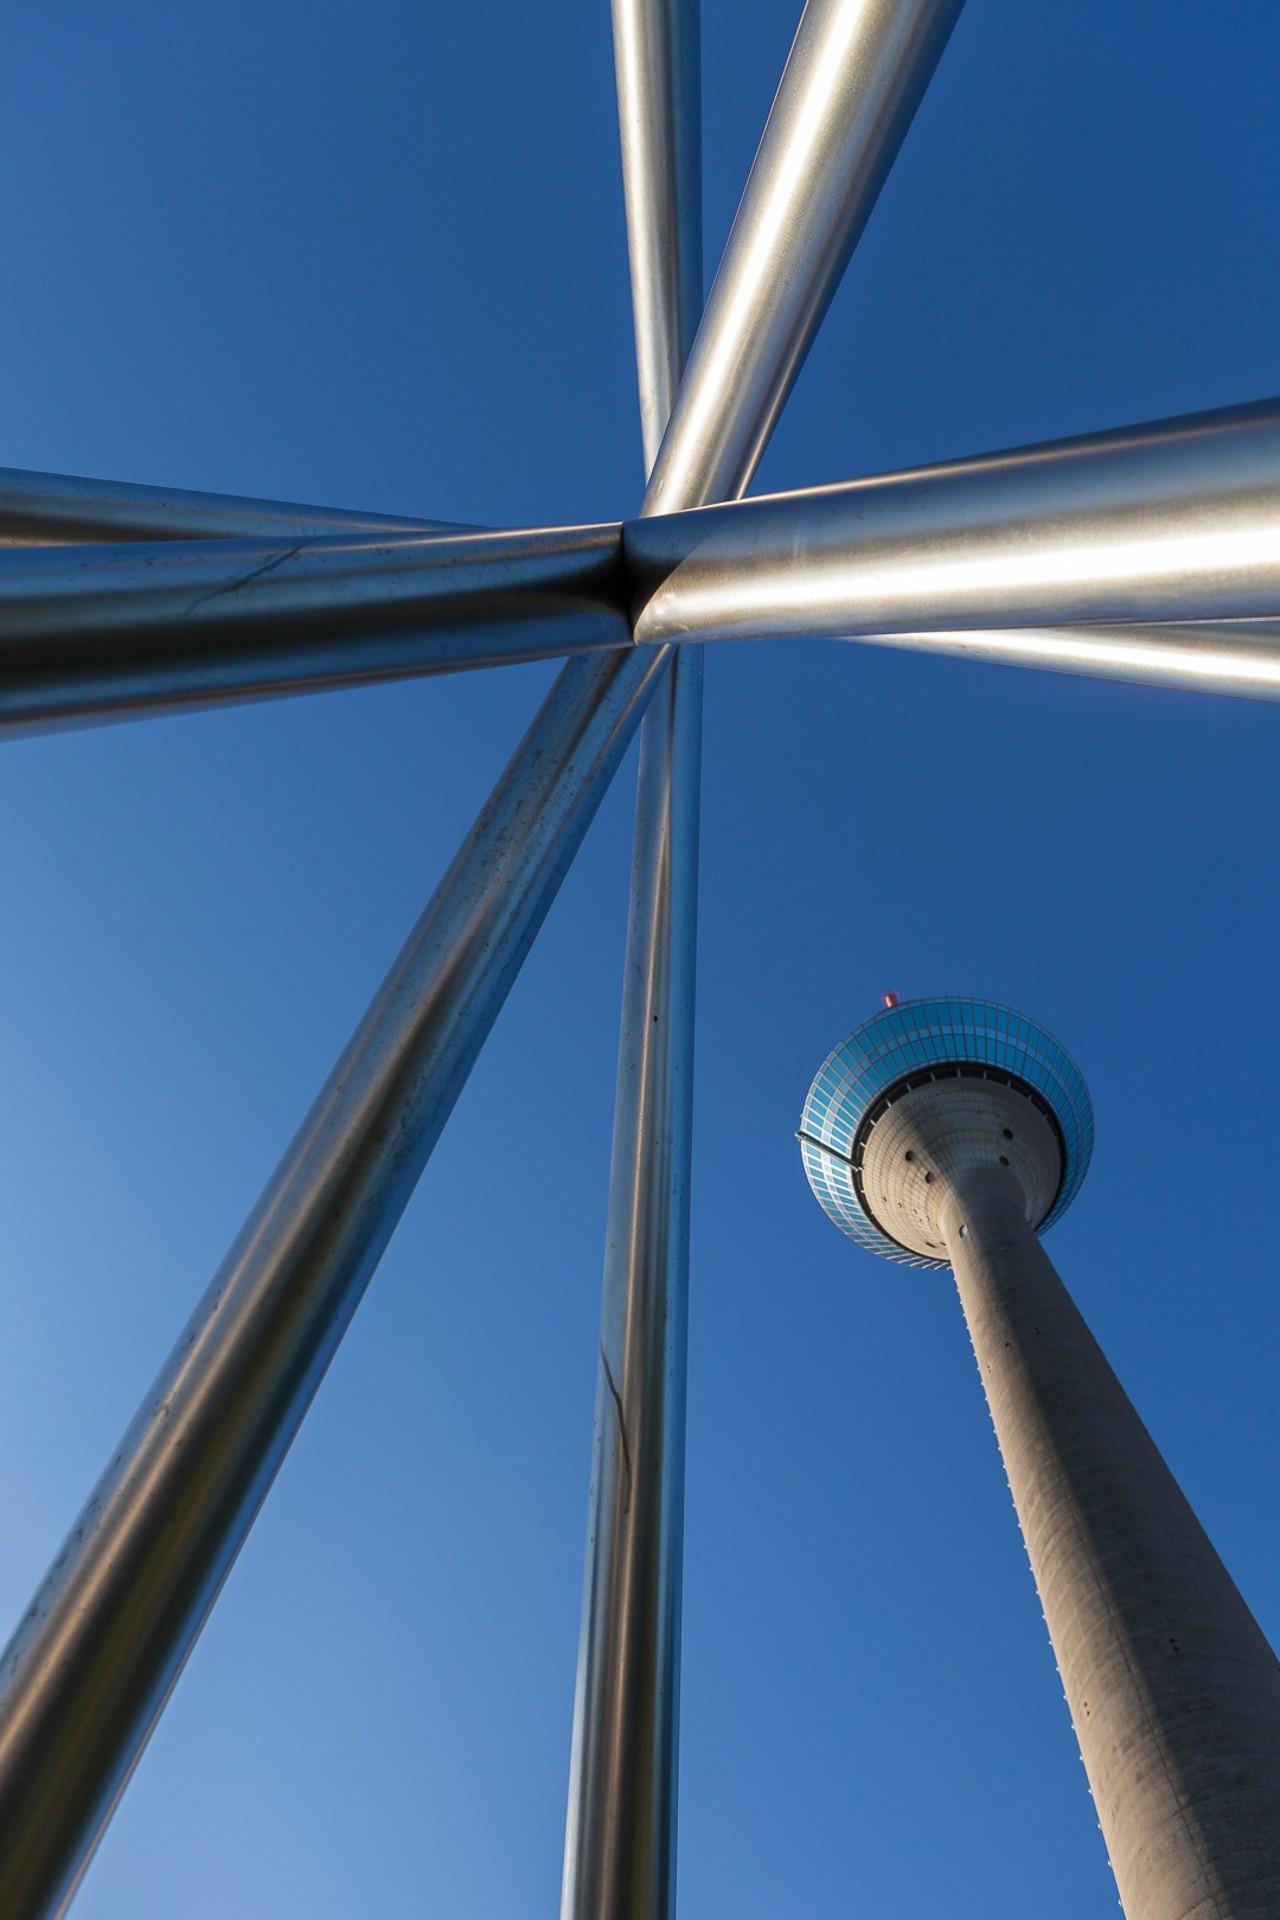 MEPA 002 - Media toren - 9177